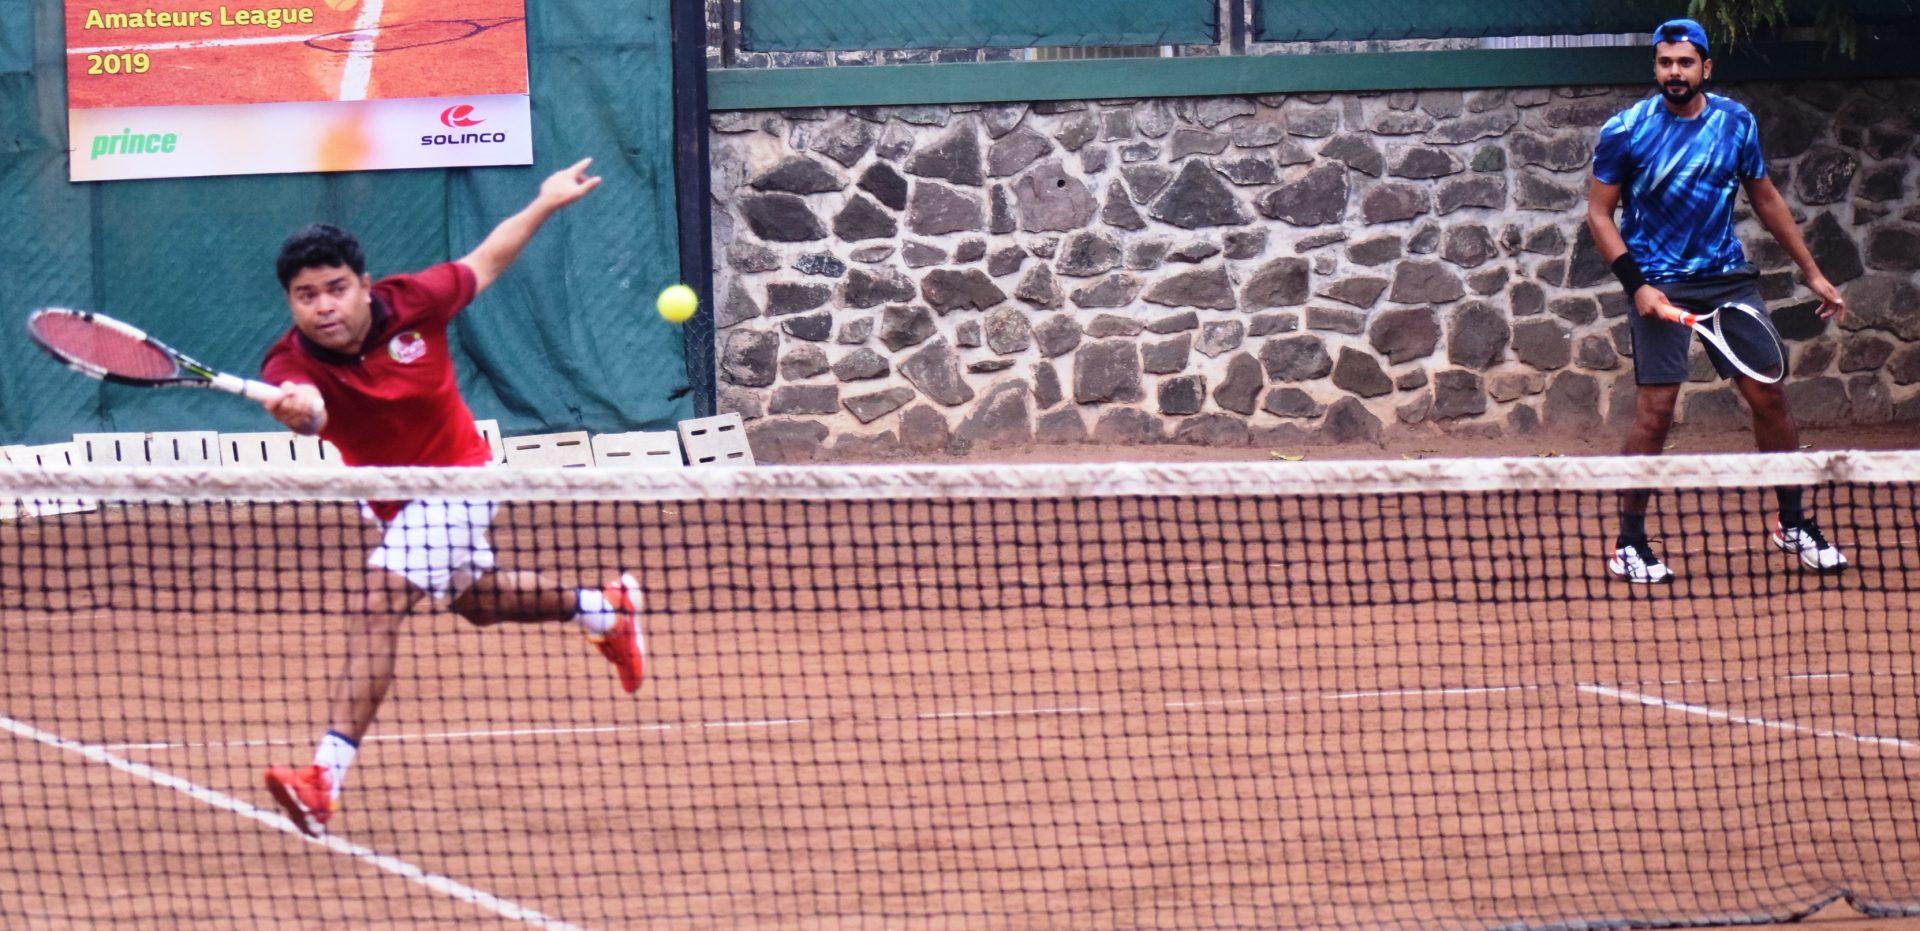 अरुण साने मेमोरियल हौशी टेनिस लीग स्पर्धेत पीवायसी अ व एमडब्लूटीए यांच्यात अंतिम लढत